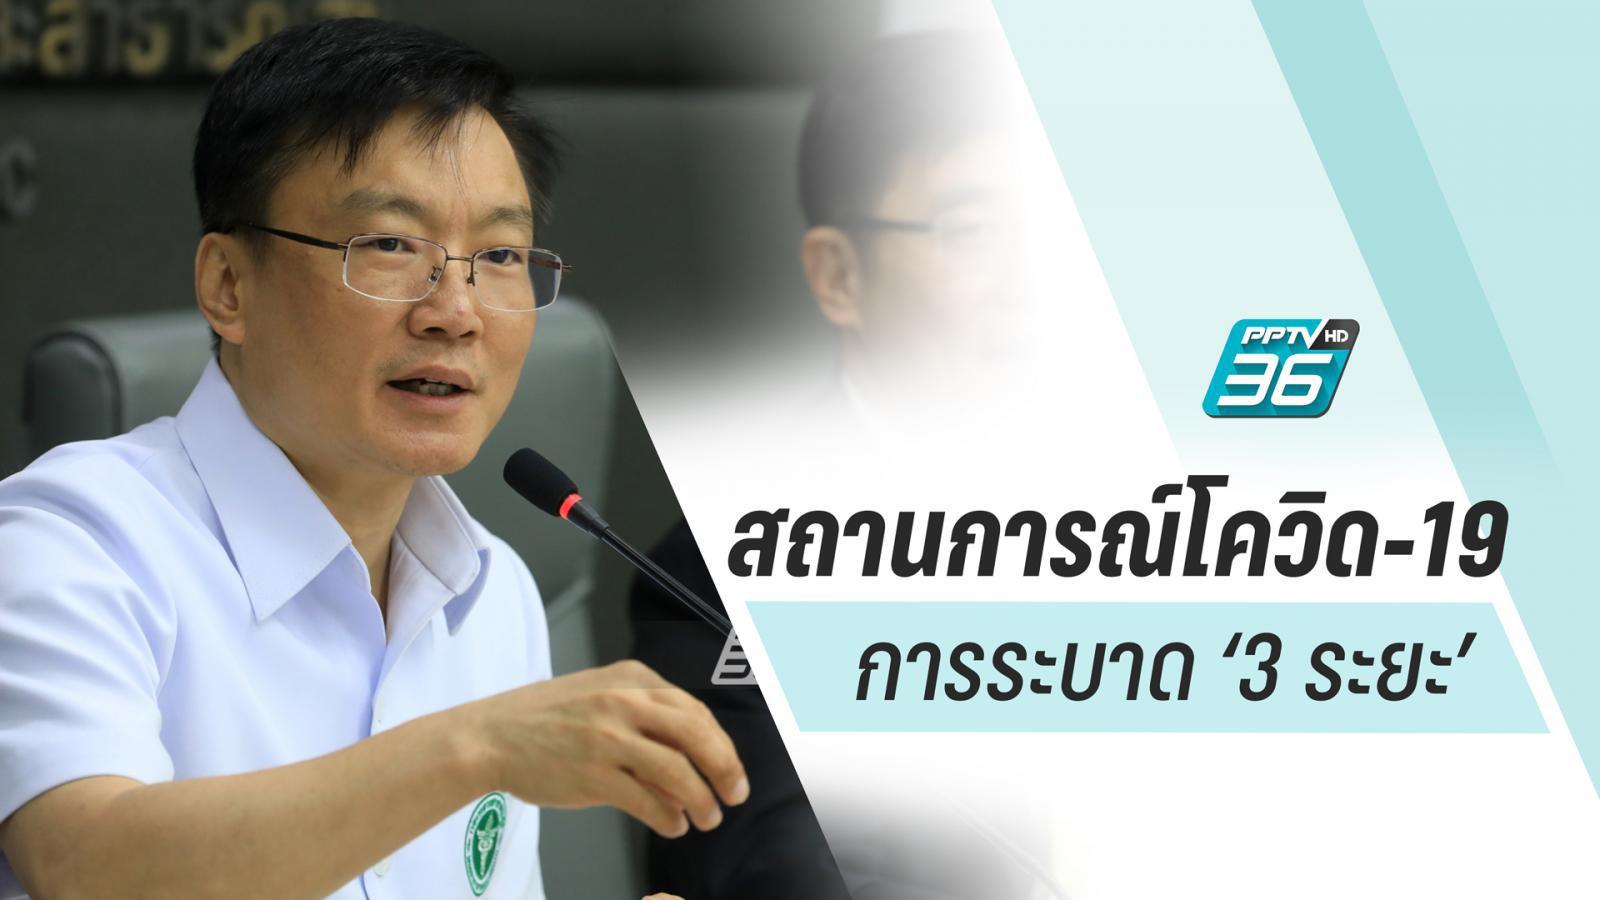 สธ.ย้ำไทยระบาดโควิด-19 'ระยะ 2' ยังไม่ถึงขั้นแพร่เชื้อระหว่างคนไทย